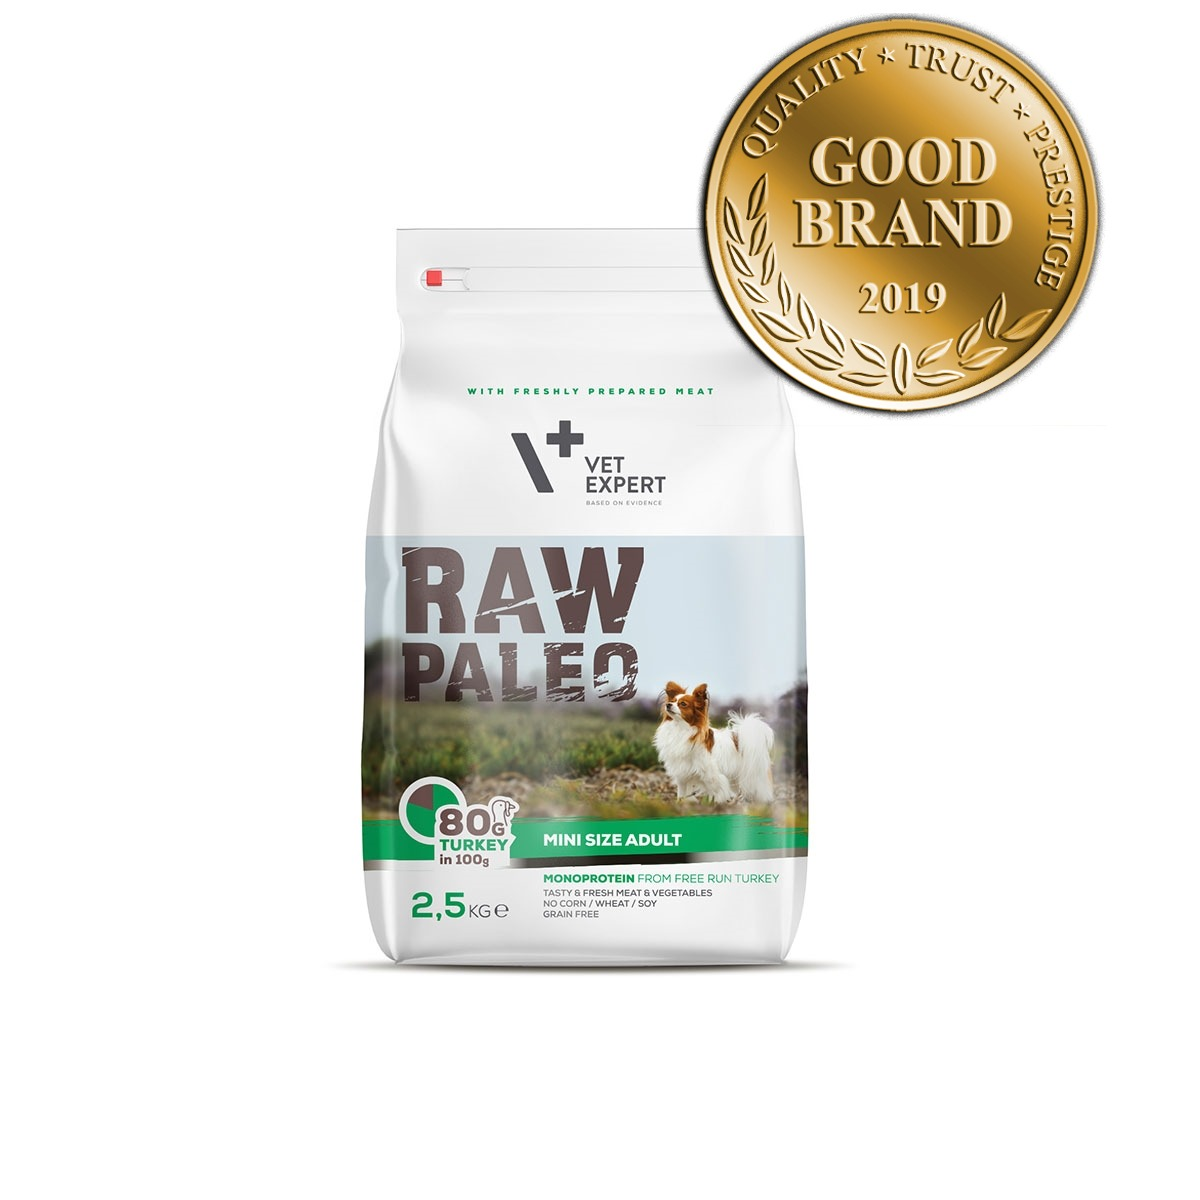 VetExpert Raw Paleo Adult Mini Breed 2.5kg Premium getreidefreies Hundefutter, Alleinfuttermittel, Trockenfutter, Nassfutter, Hundebedarf, Hundenahrung, Hundeernährung